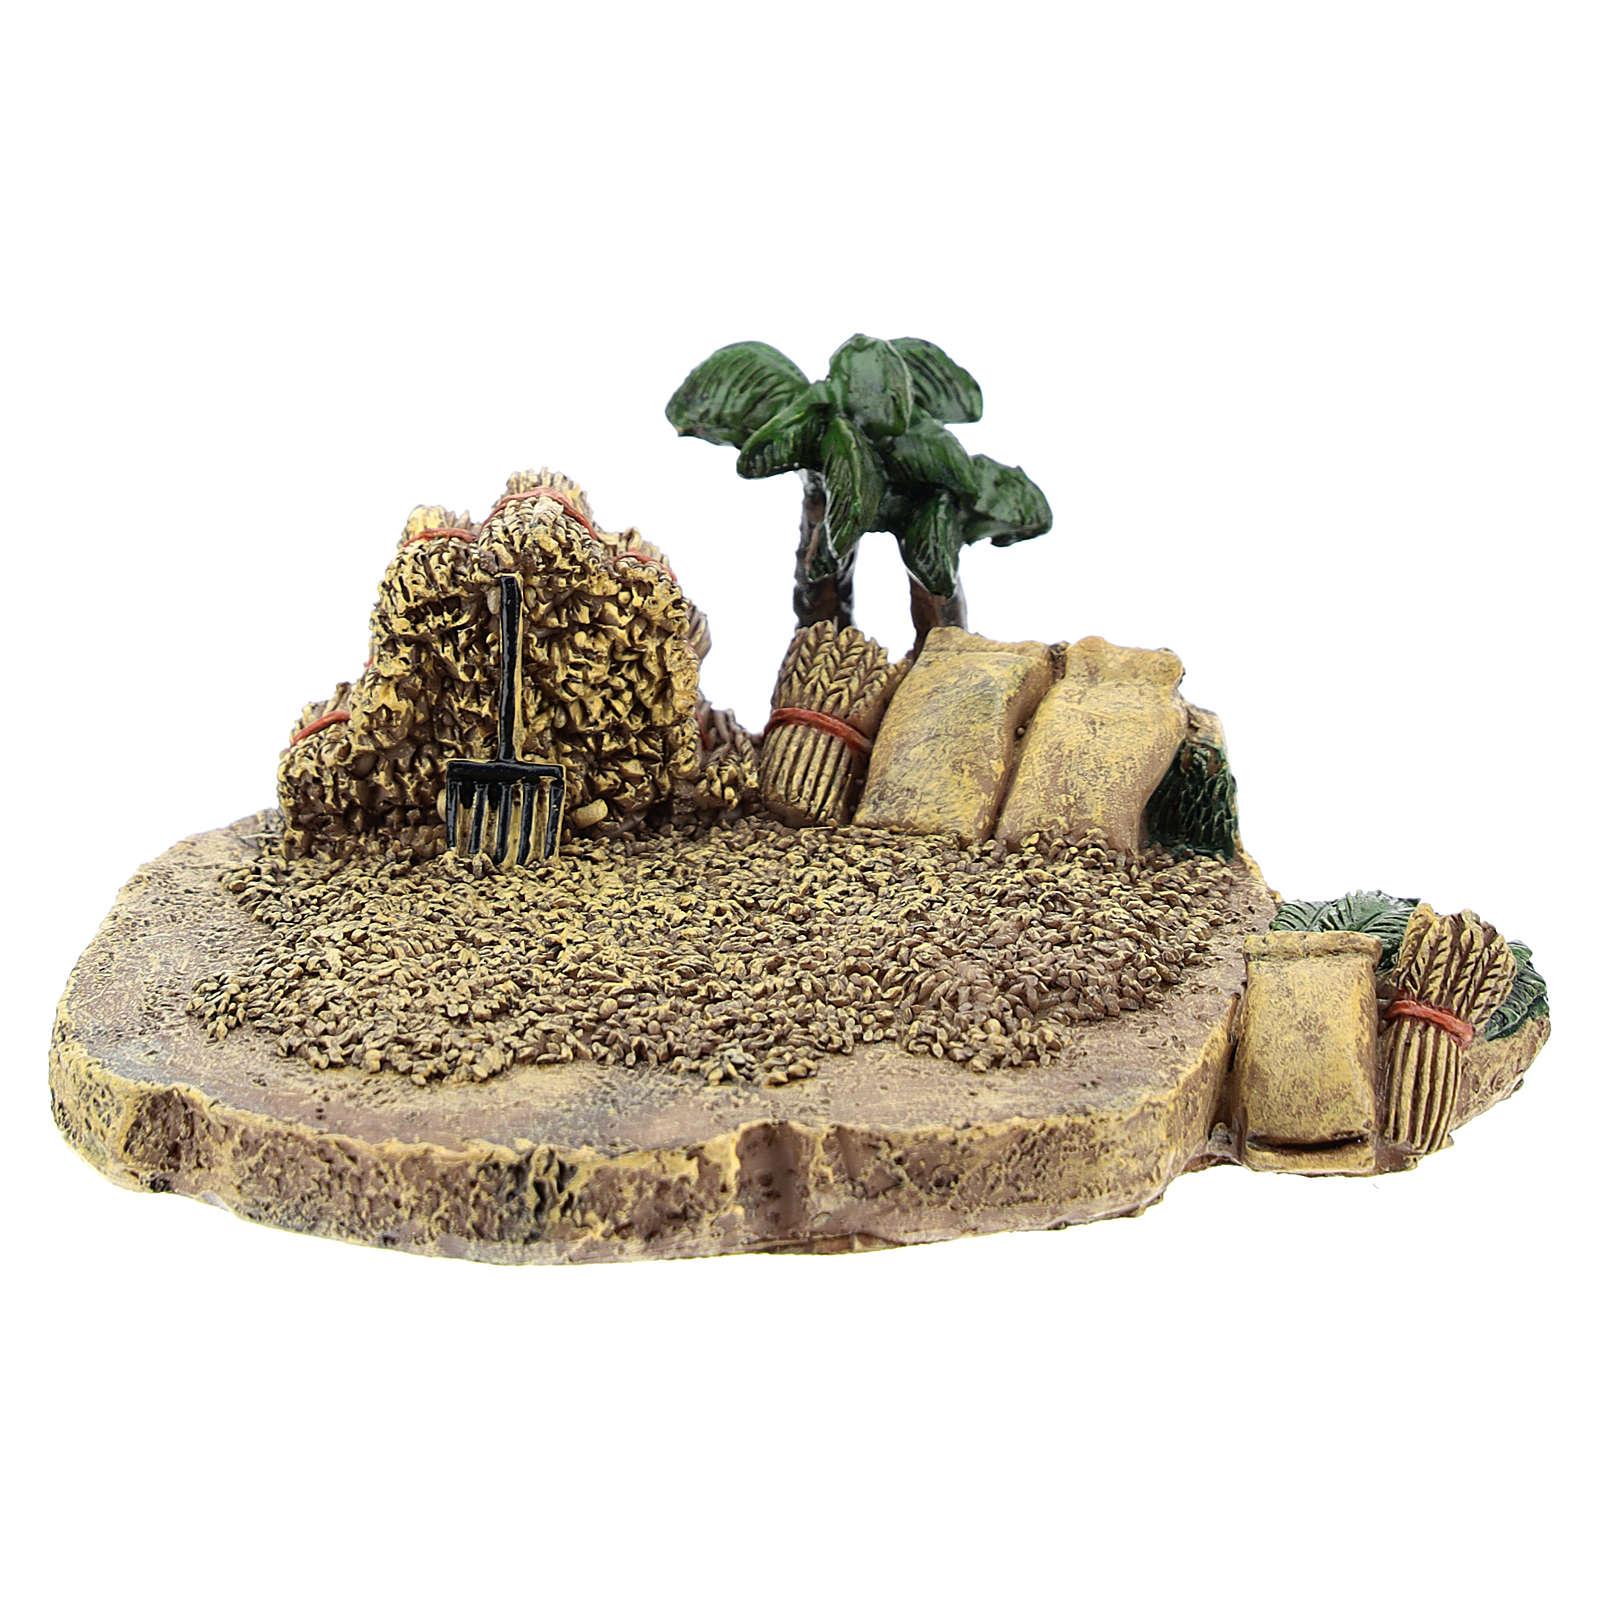 Campo de trigo de resina de 4x7x10 cm para belén 4 cm 4